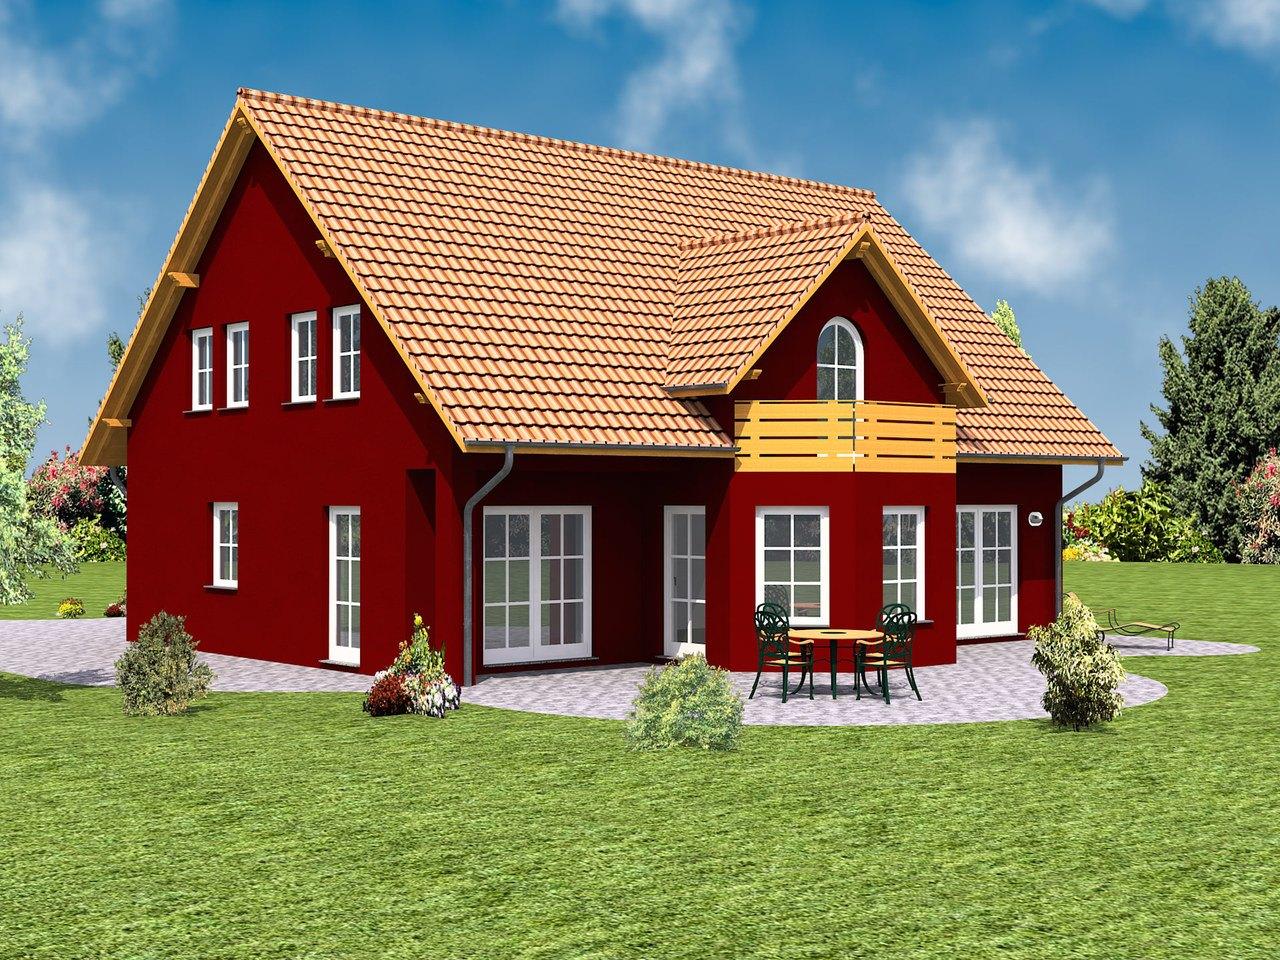 Stadthaus Ribnitz Ansicht 2 - IBIS Haus